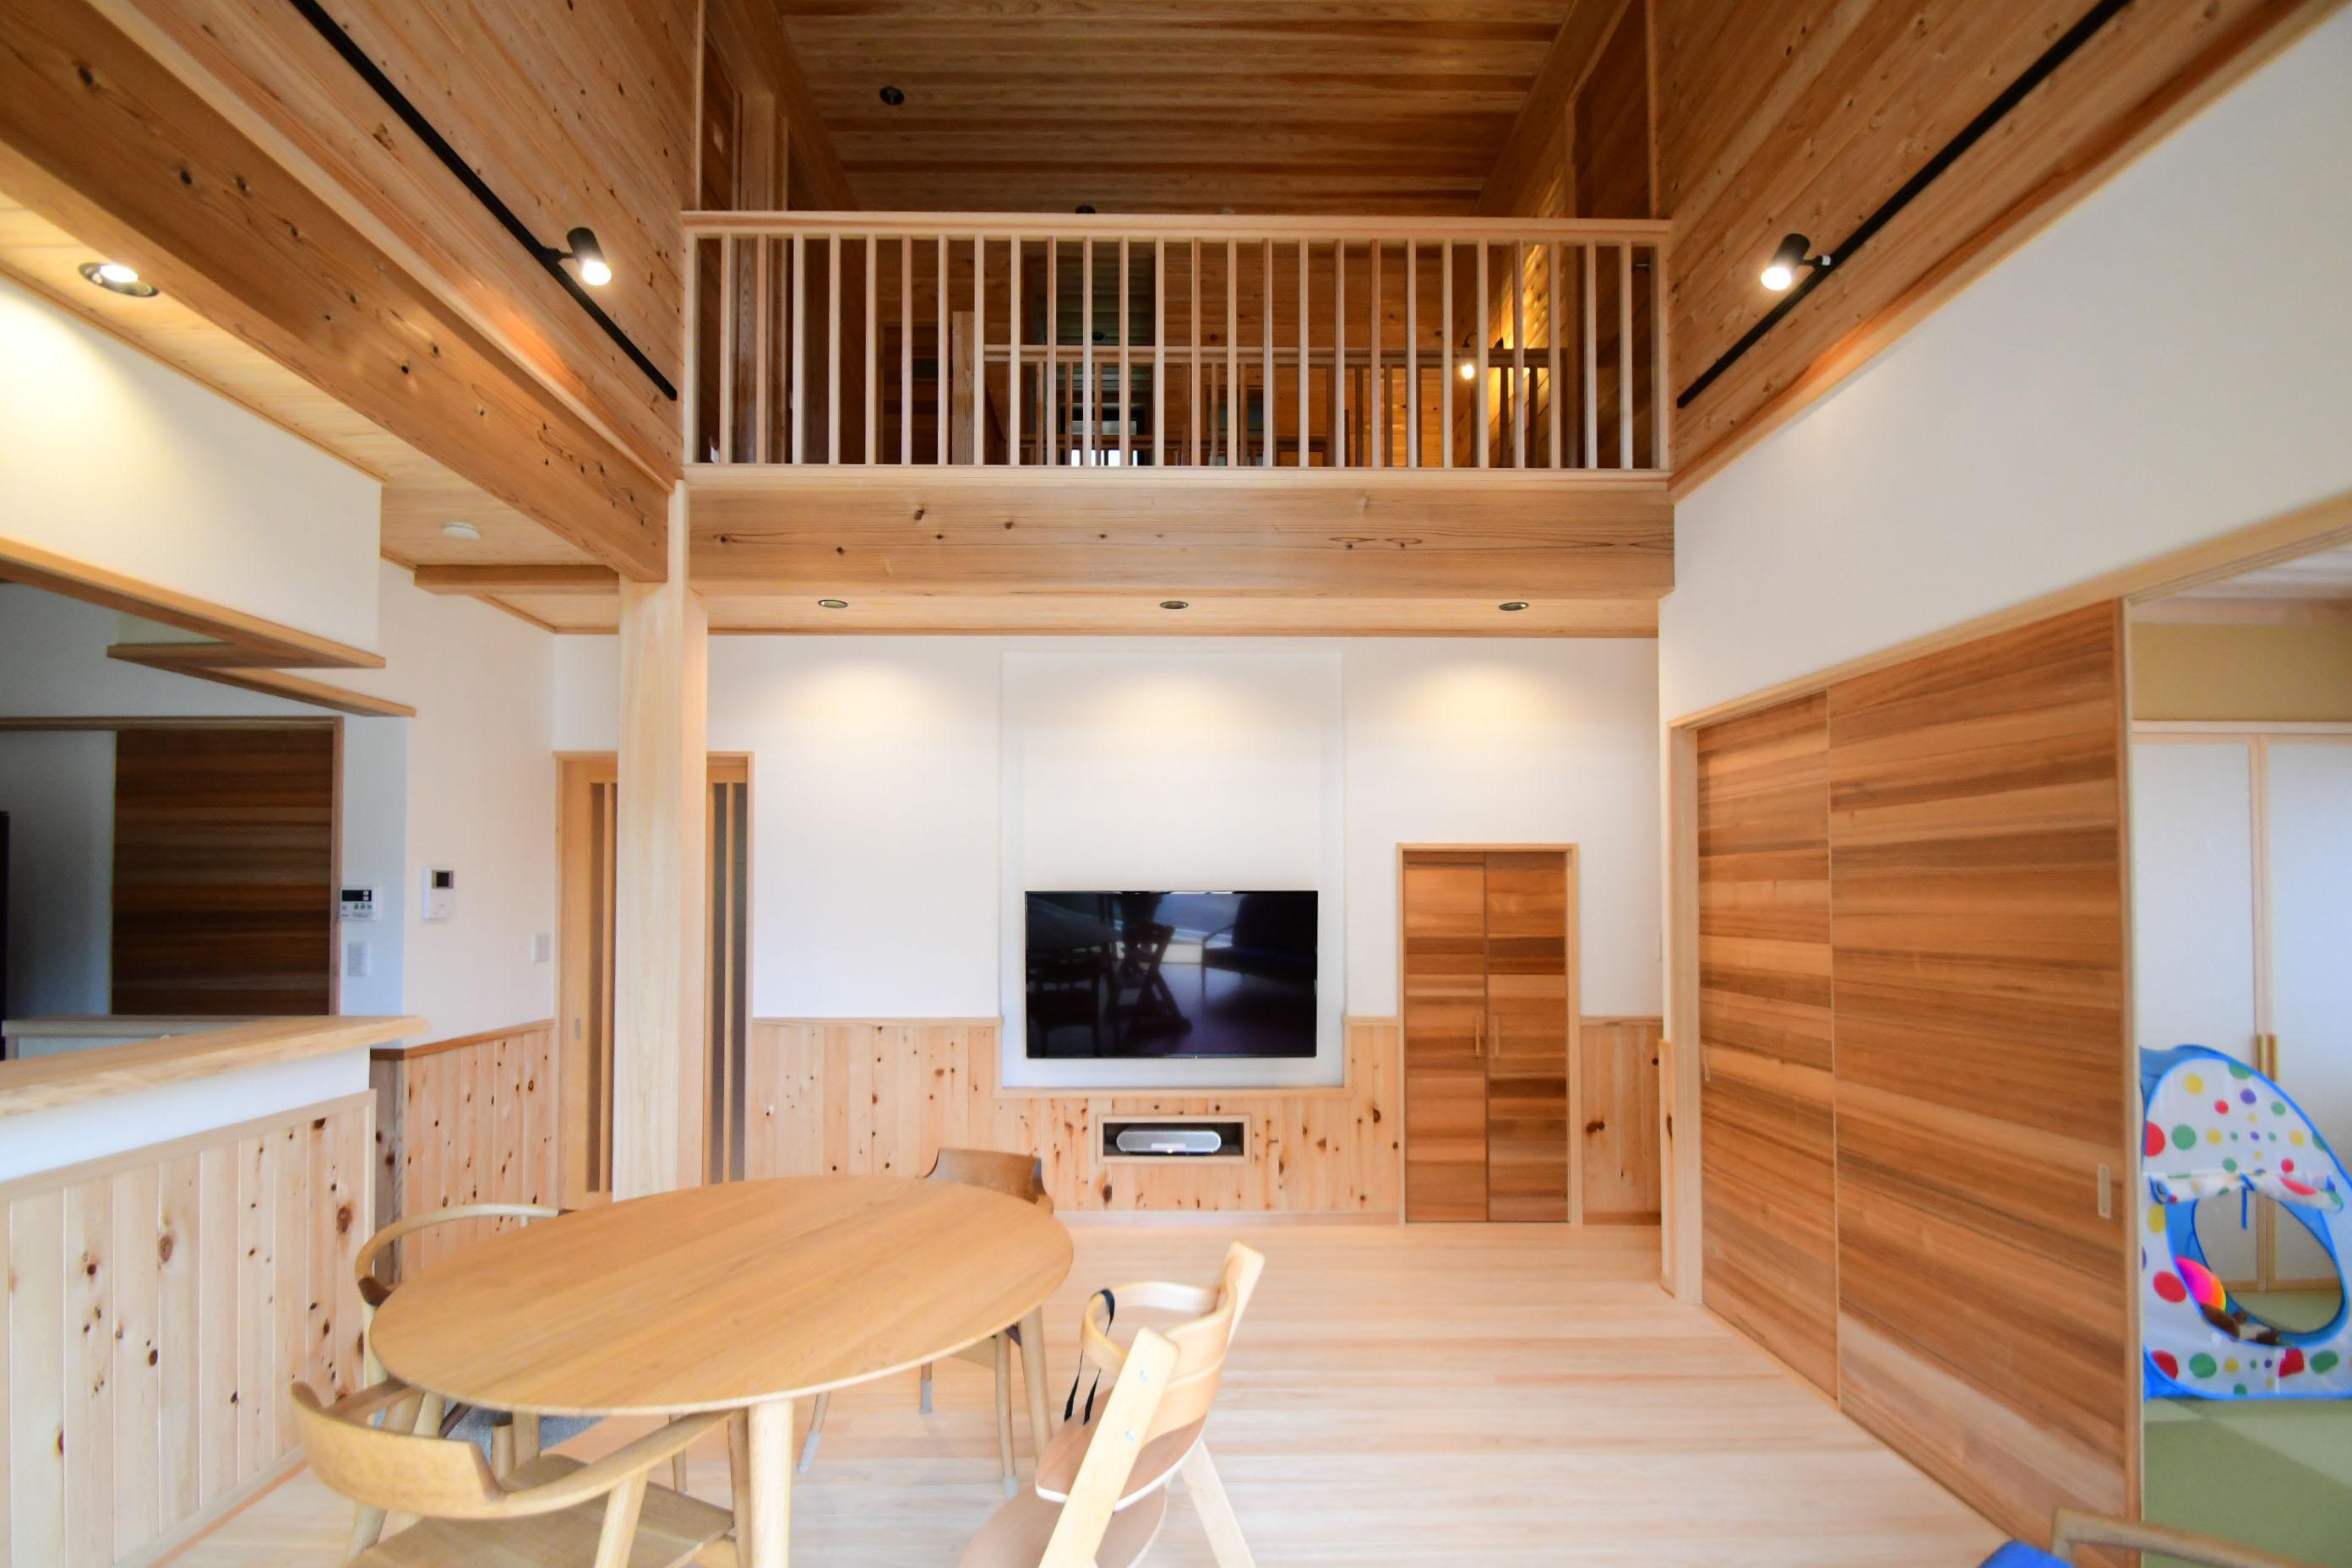 日の出町大久野:森に囲まれた日本瓦の和モダン住宅